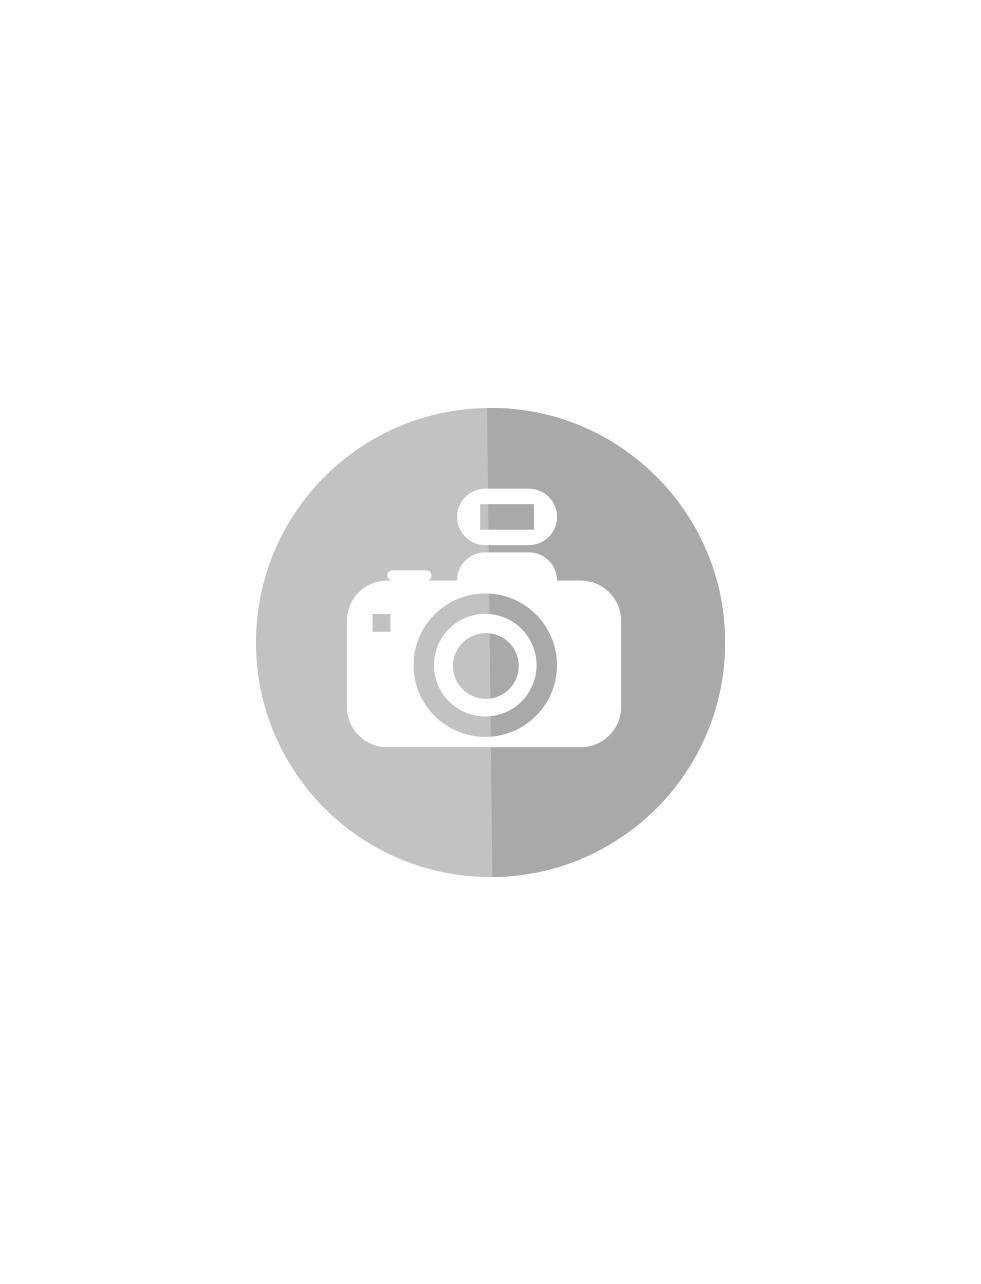 30058392_sparepart/Markierungstafel